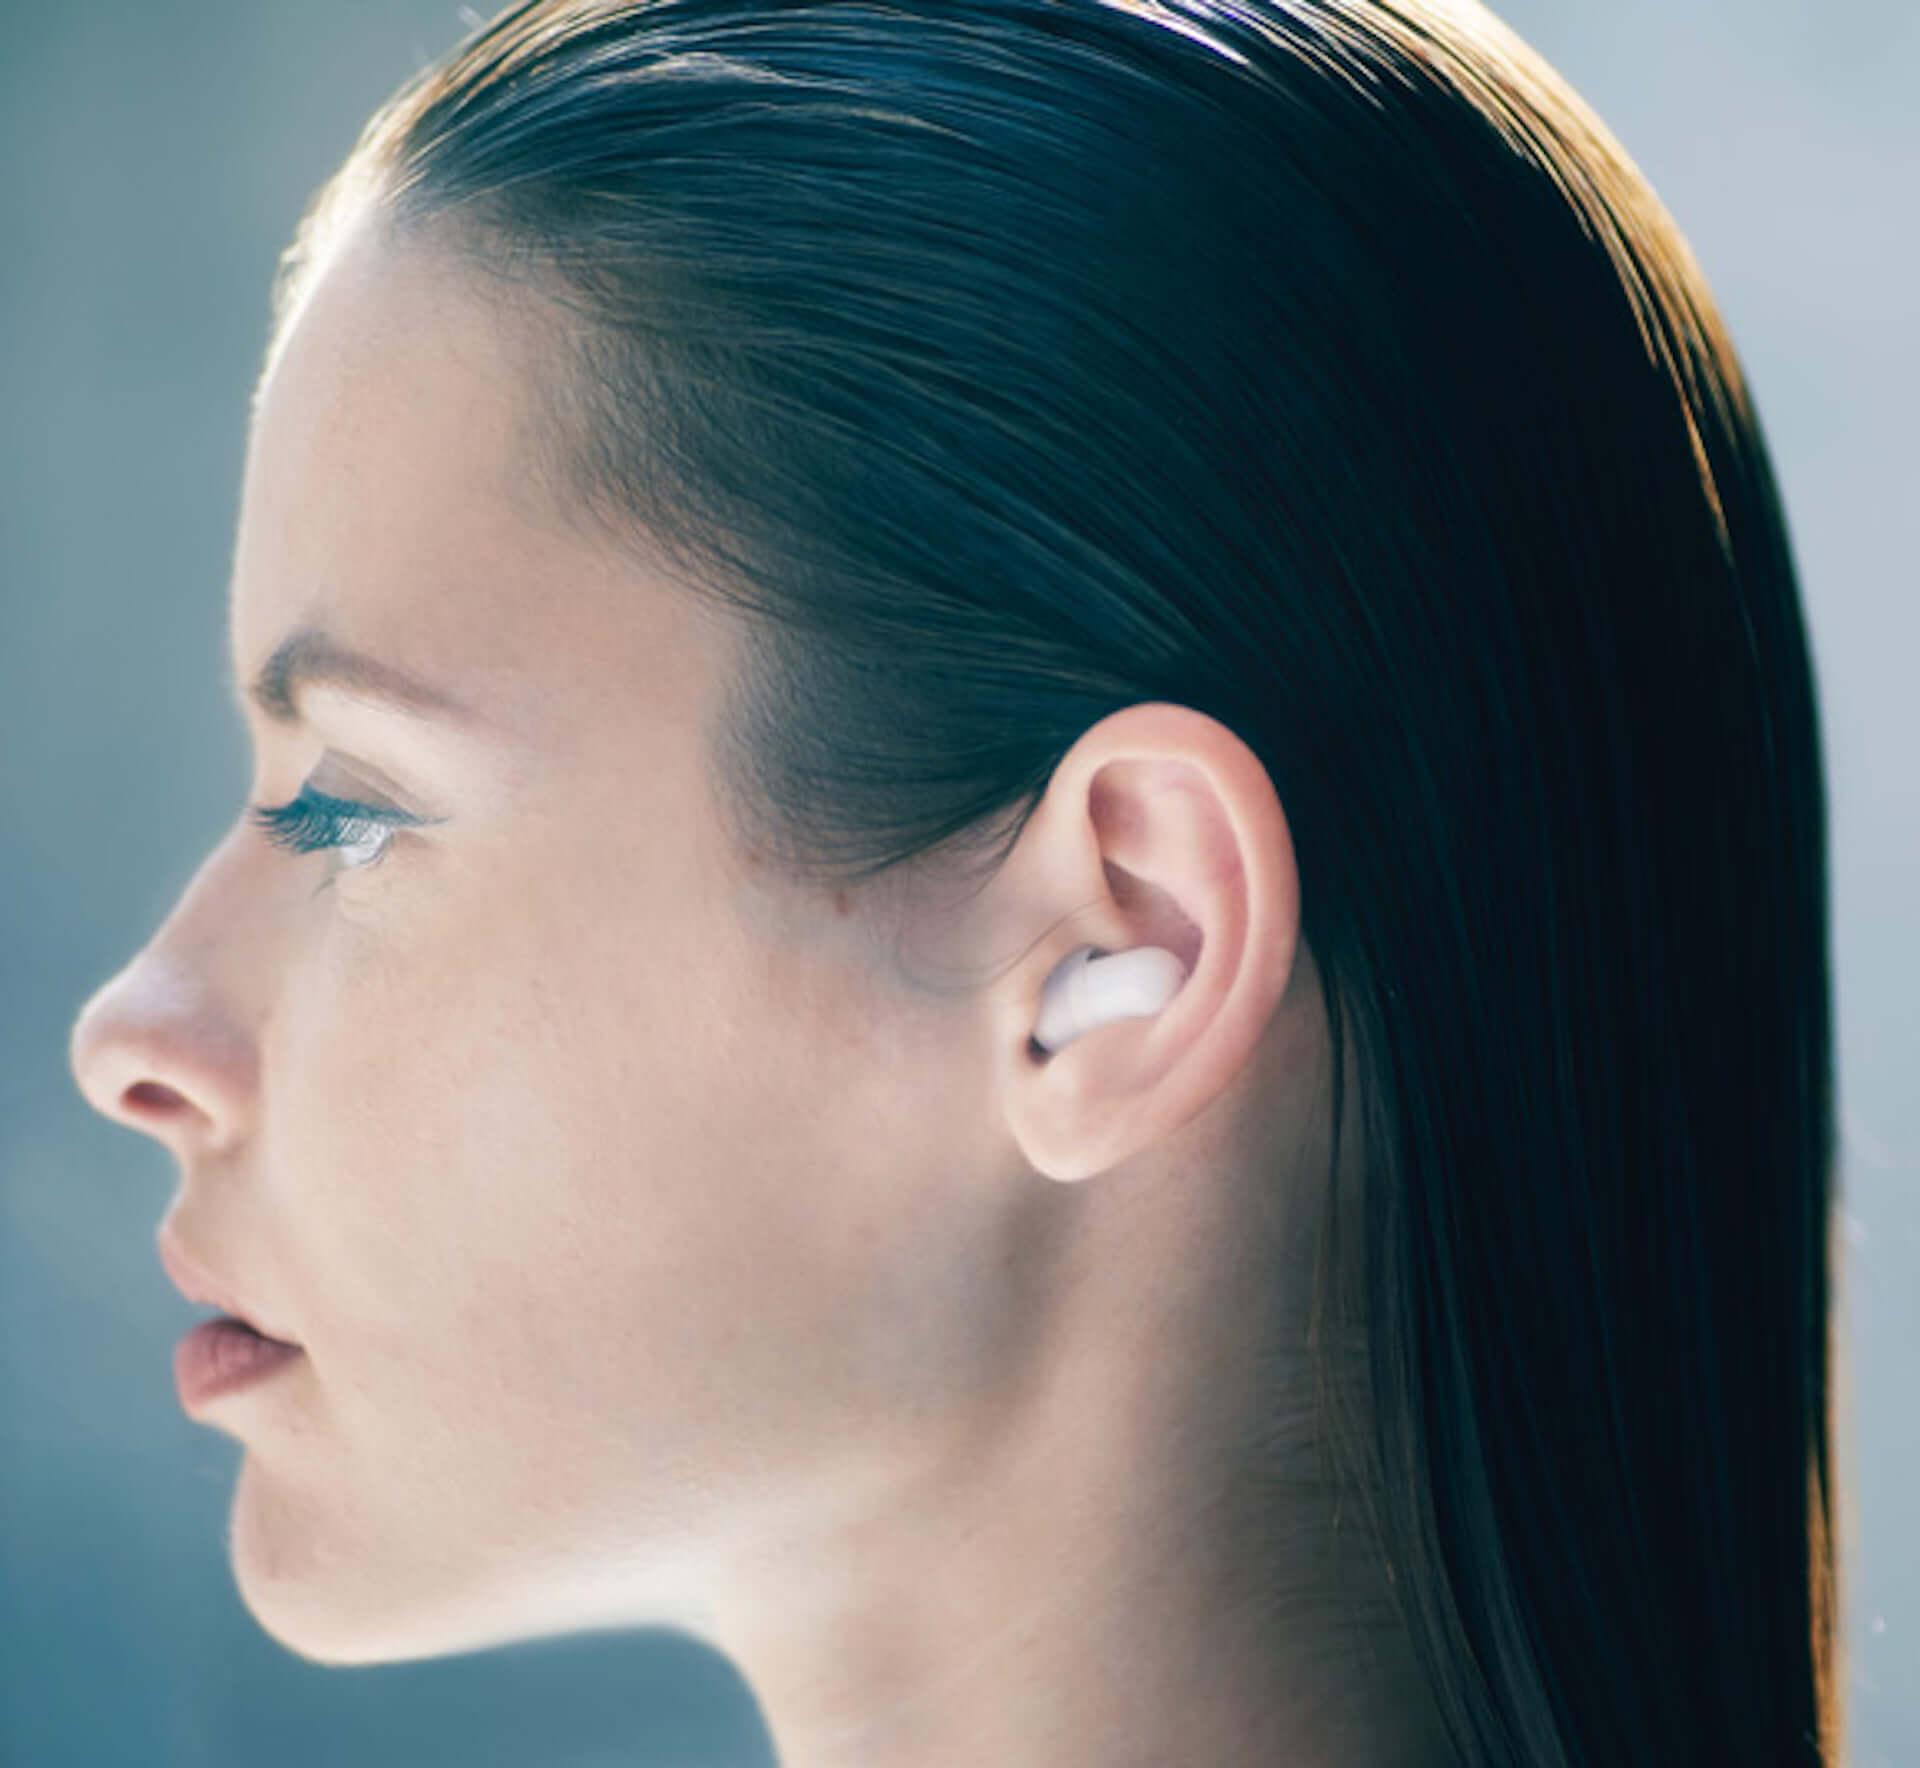 片耳1.3g!世界最小ワイヤレスイヤホン「GRAIN」がクラウドファンディングサイトにて予約販売開始 technology190701grain_2-1920x1768